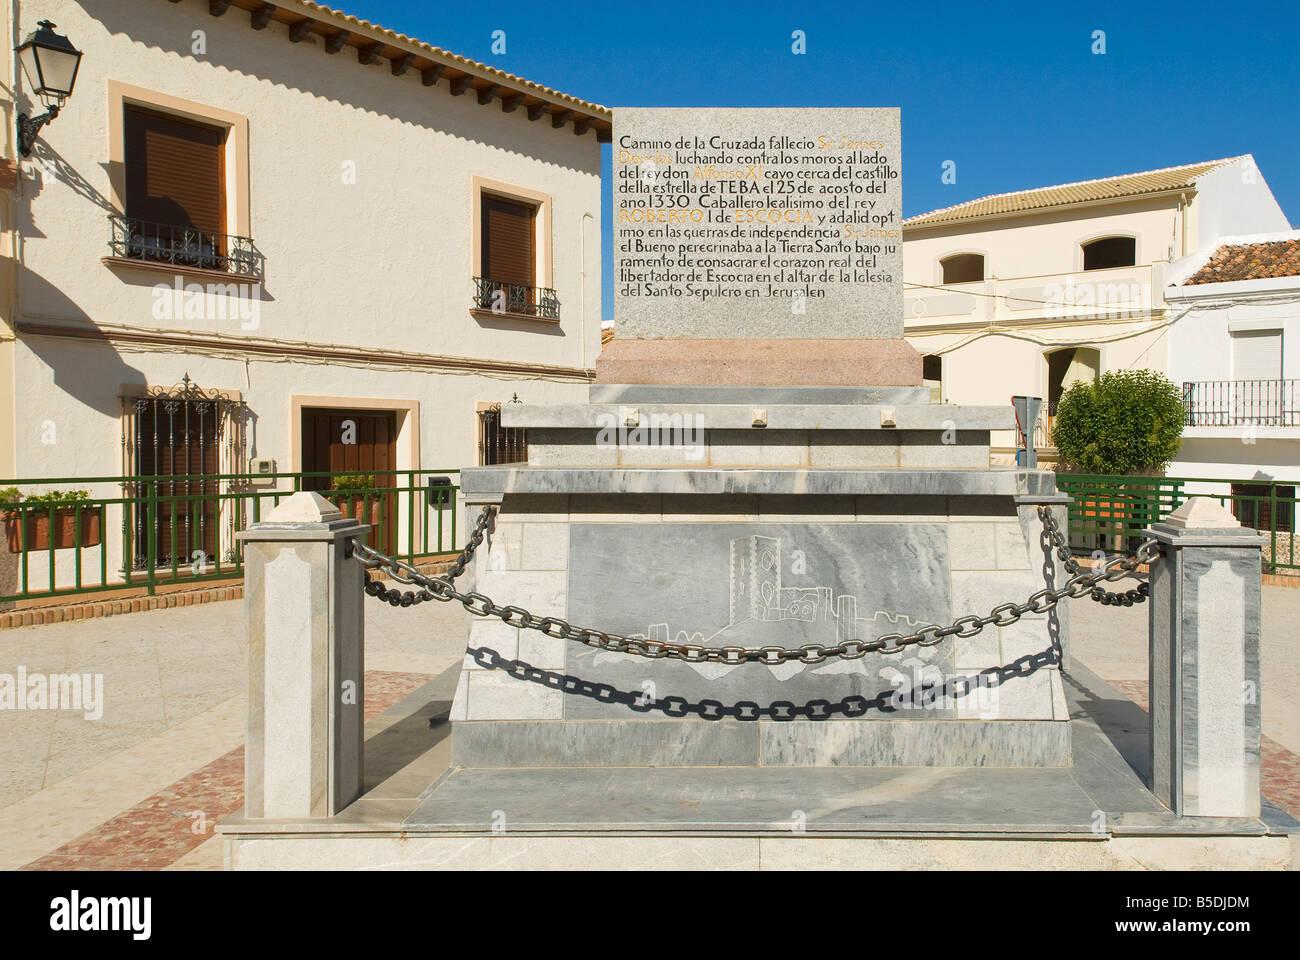 Memorial nel villaggio di Teba a Sir James Douglas, Malaga, Andalusia, Spagna, Europa Immagini Stock